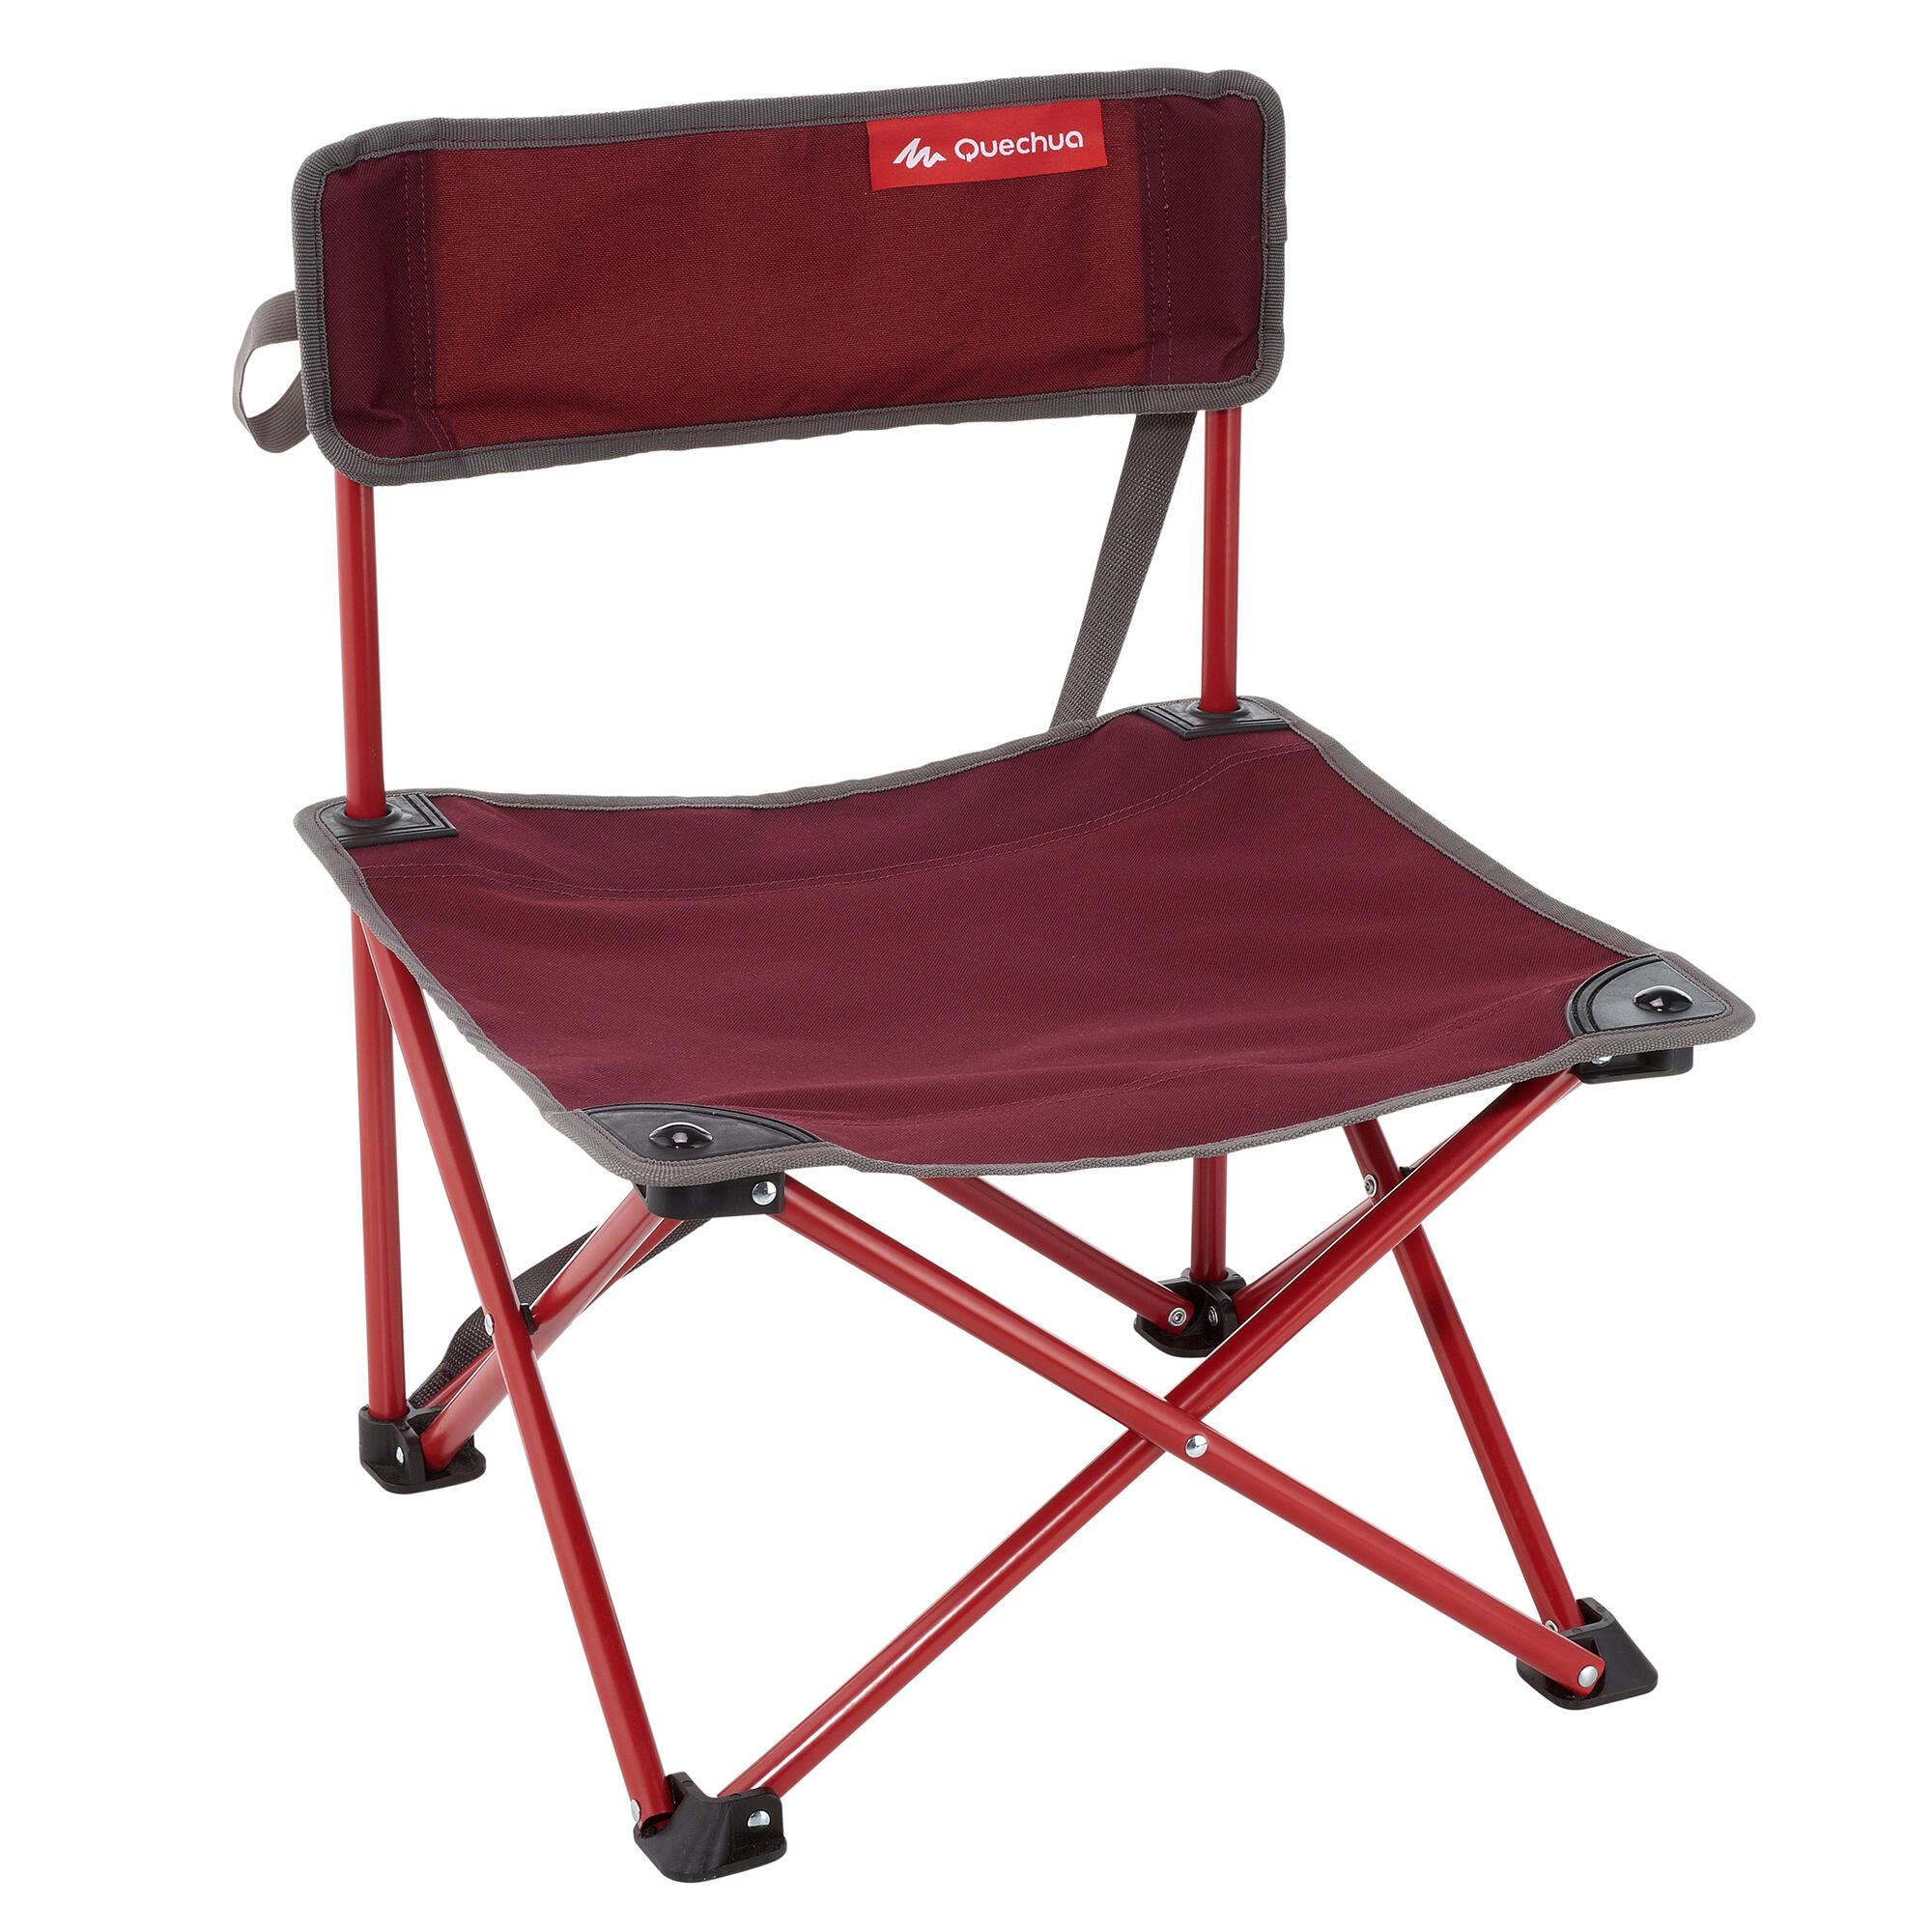 chaise basse de camping camp du randonneur rouge quechua. Black Bedroom Furniture Sets. Home Design Ideas